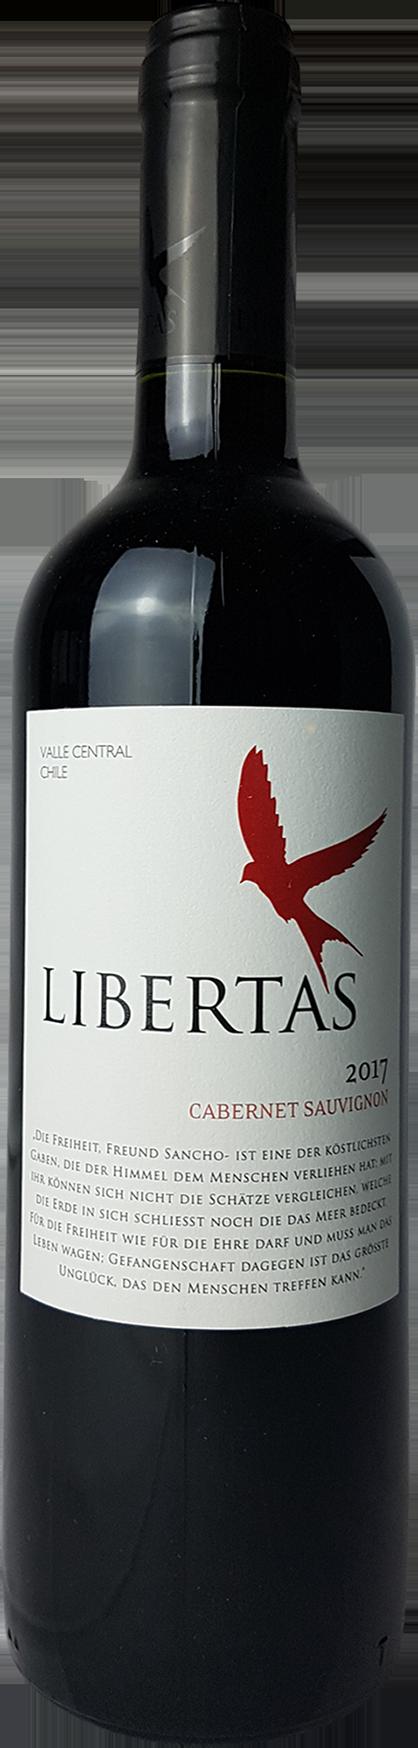 2017 Libertas Cabernet Sauvignon